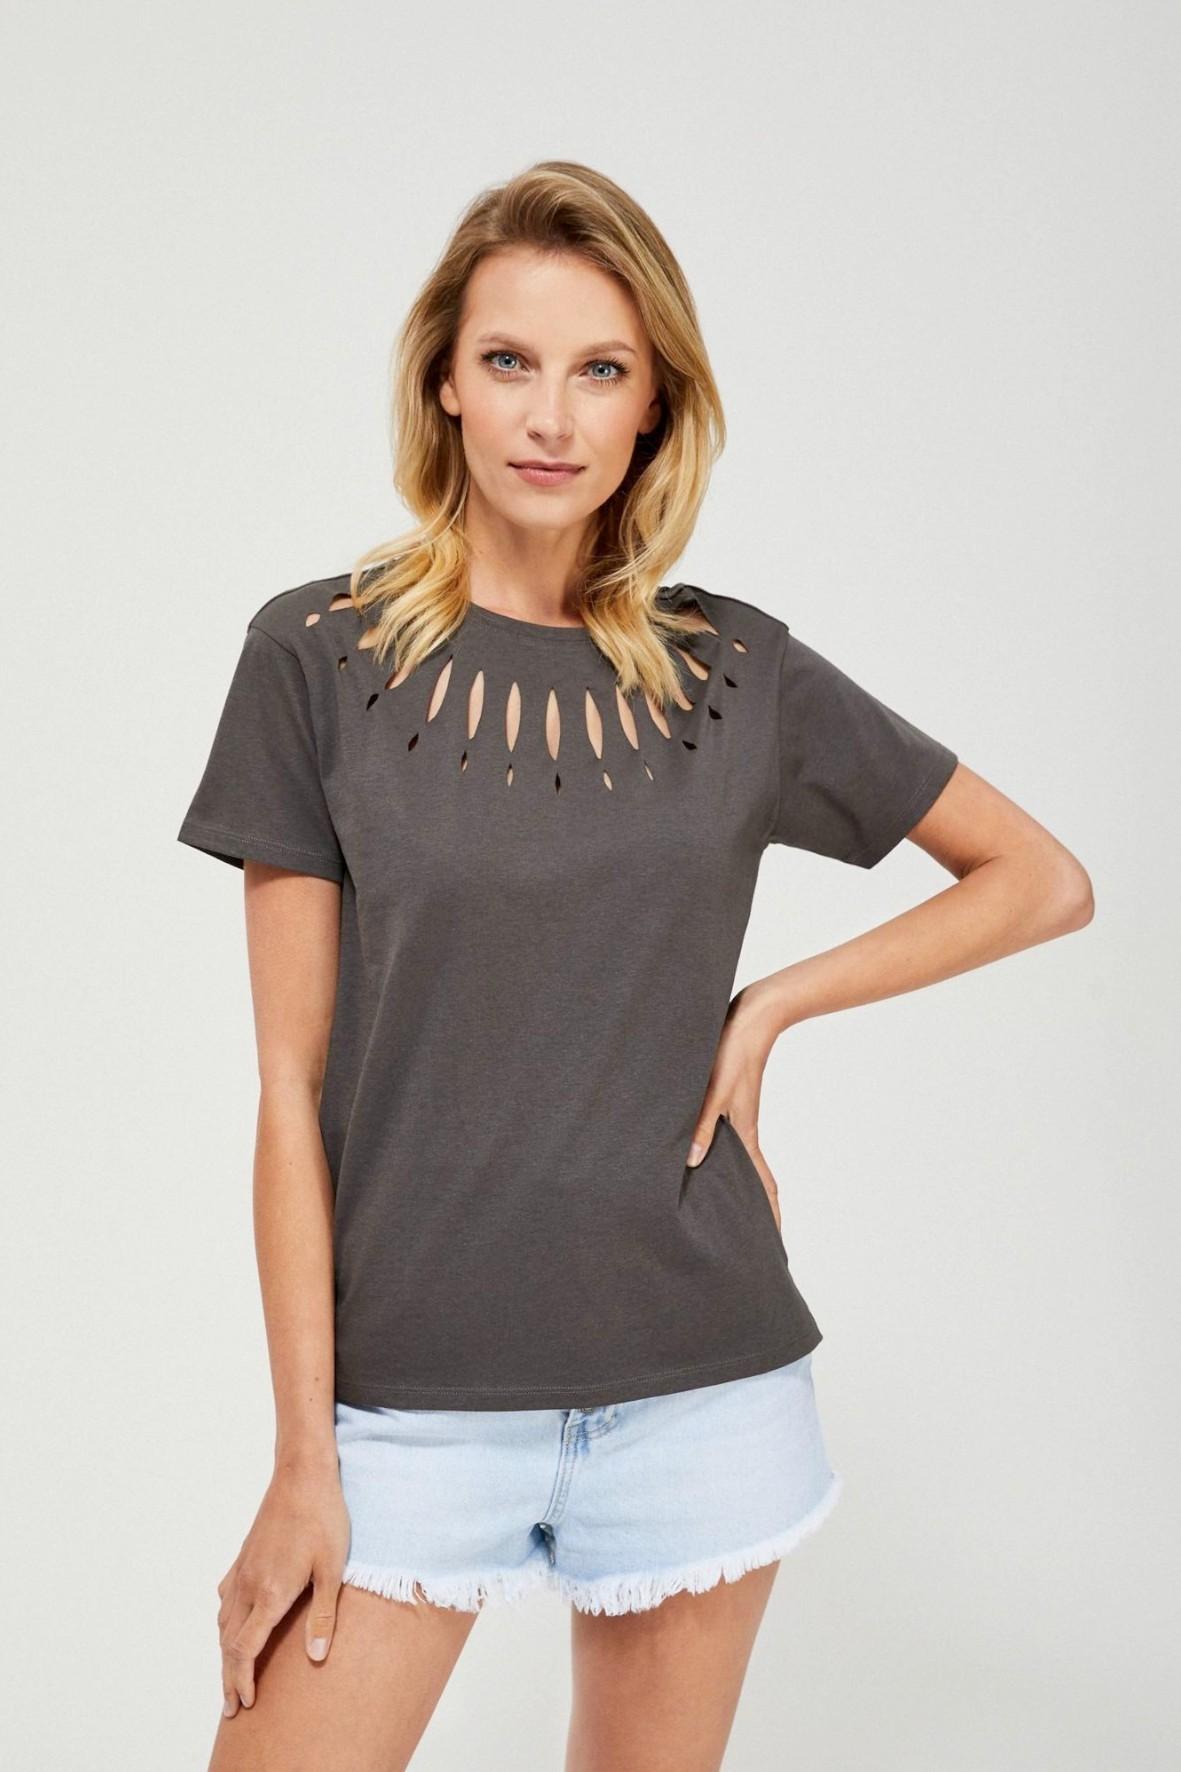 Szary t-shirt  damski na krótki rękaw z ozdobnymi  wycięciami